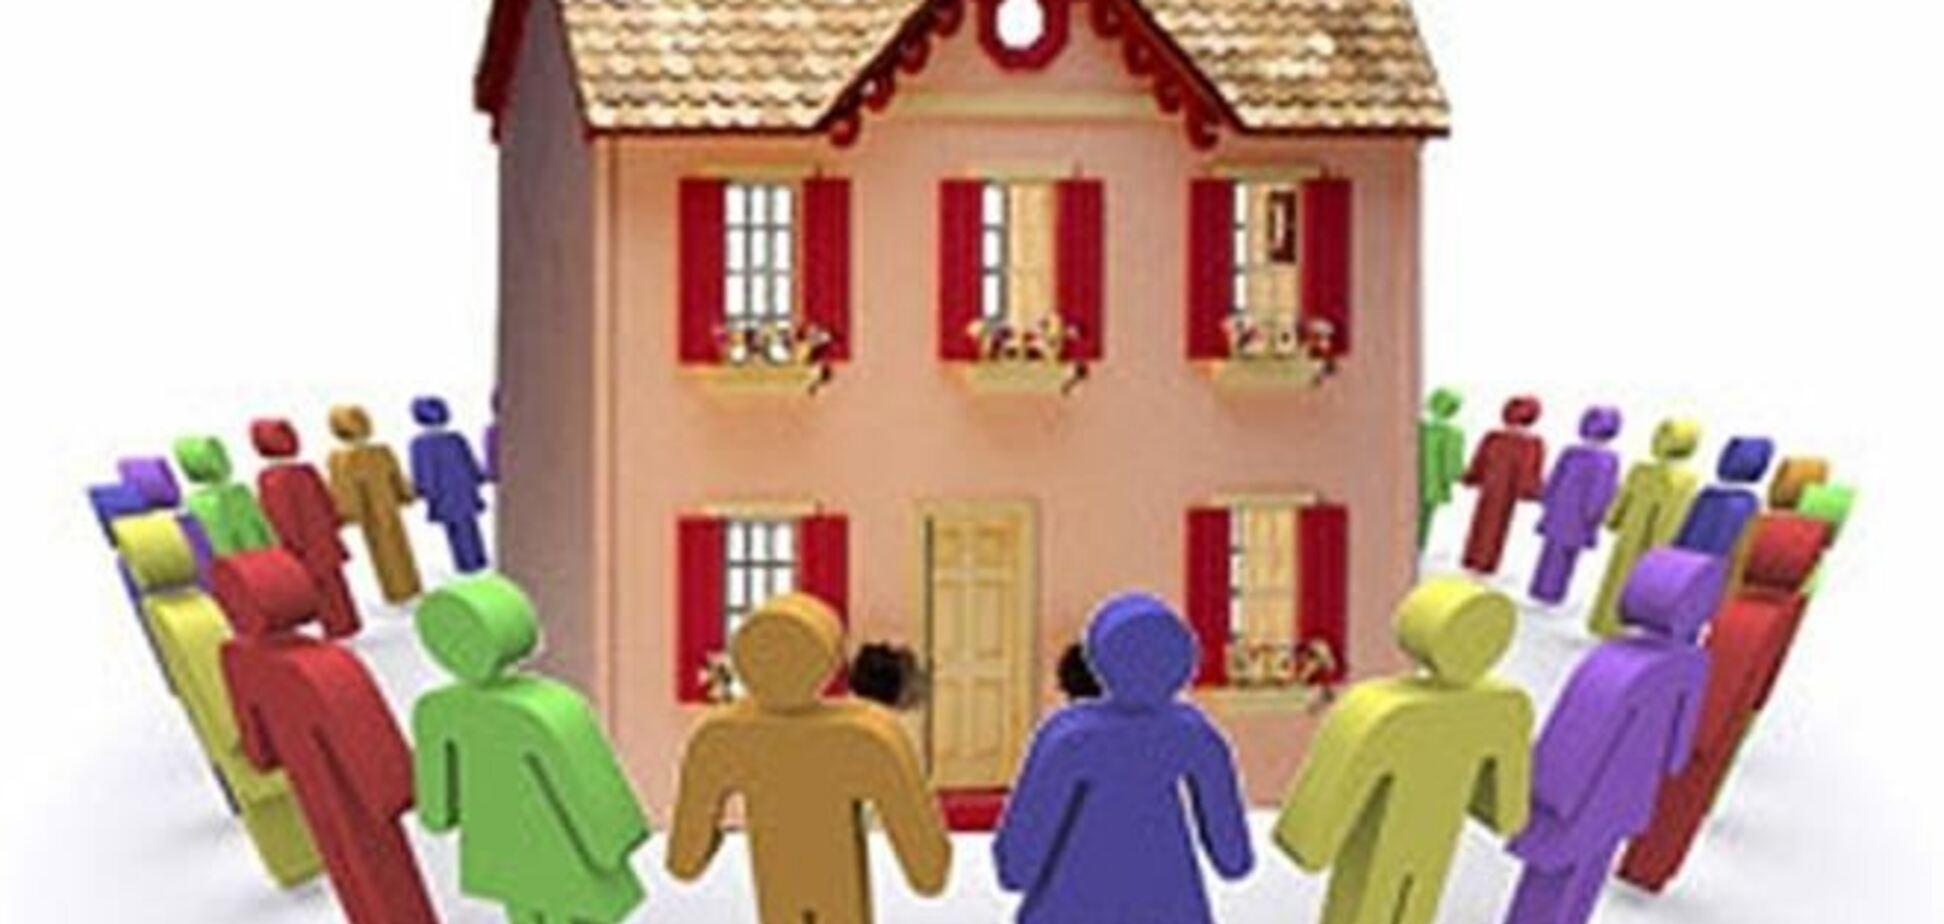 Управление многоквартирным домом в Украине: главные нововведения